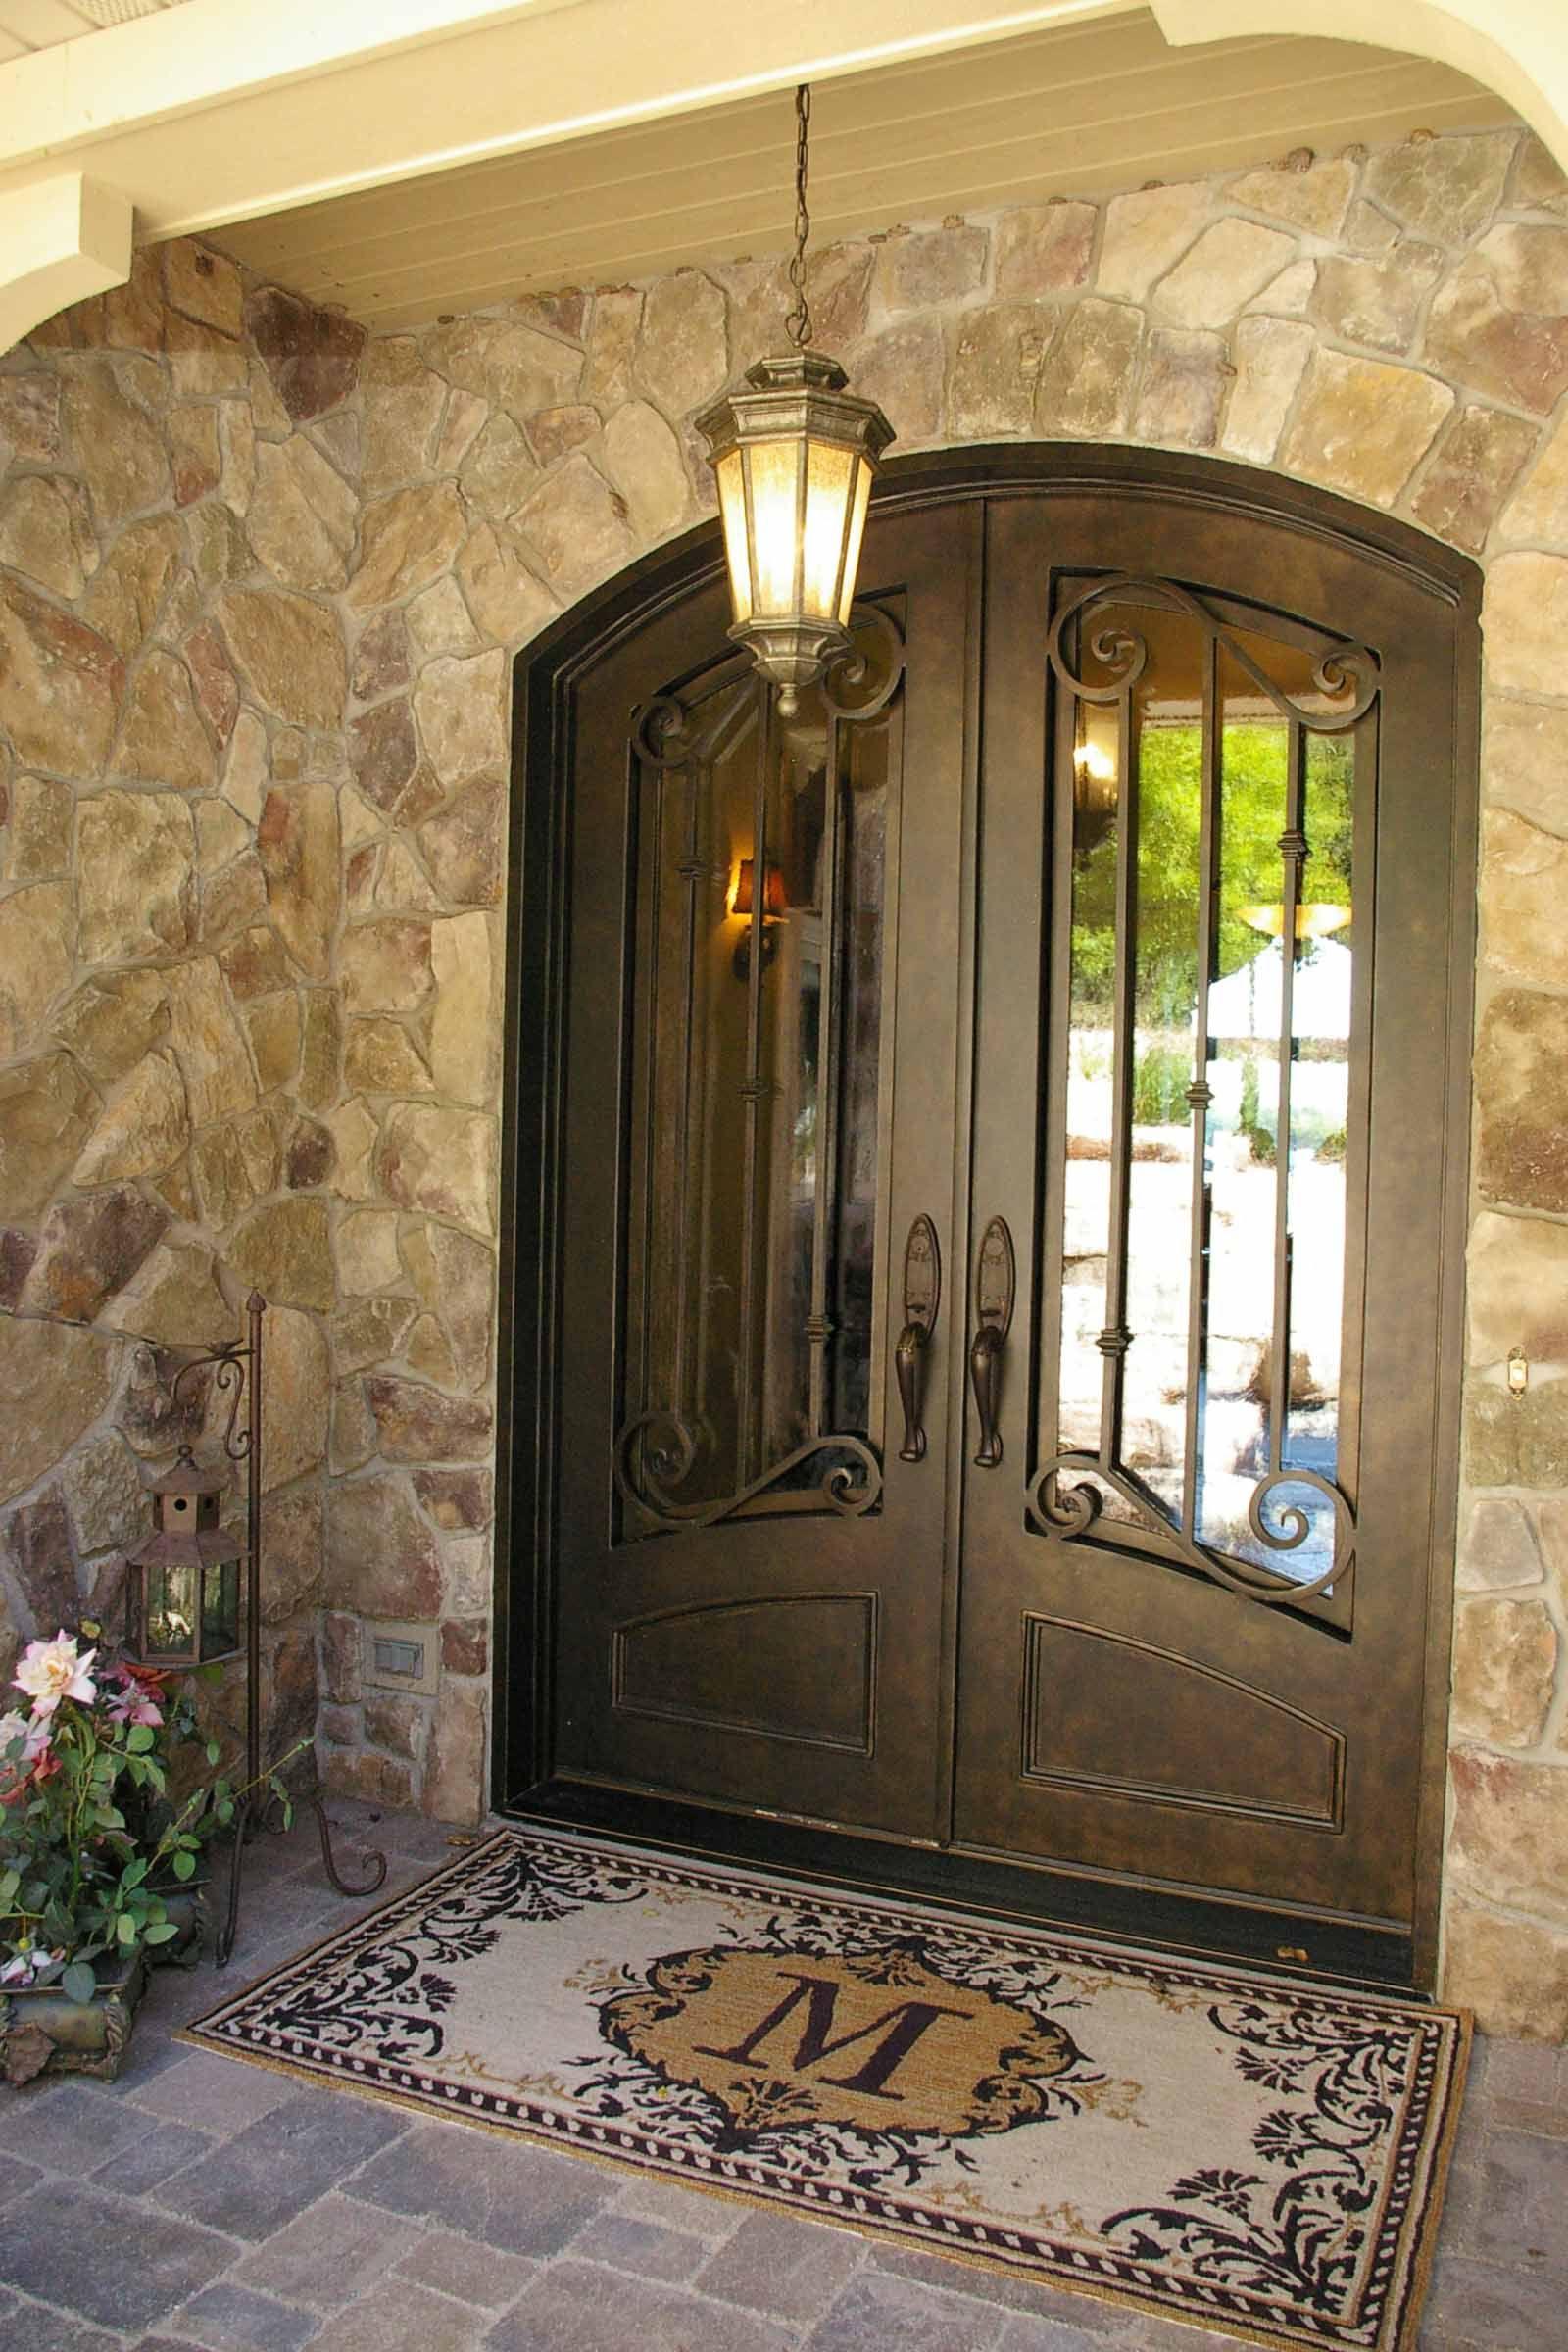 The 25+ Best Iron Doors Ideas On Pinterest | Iron Front Door, Wrought Iron  Doors And Security Room